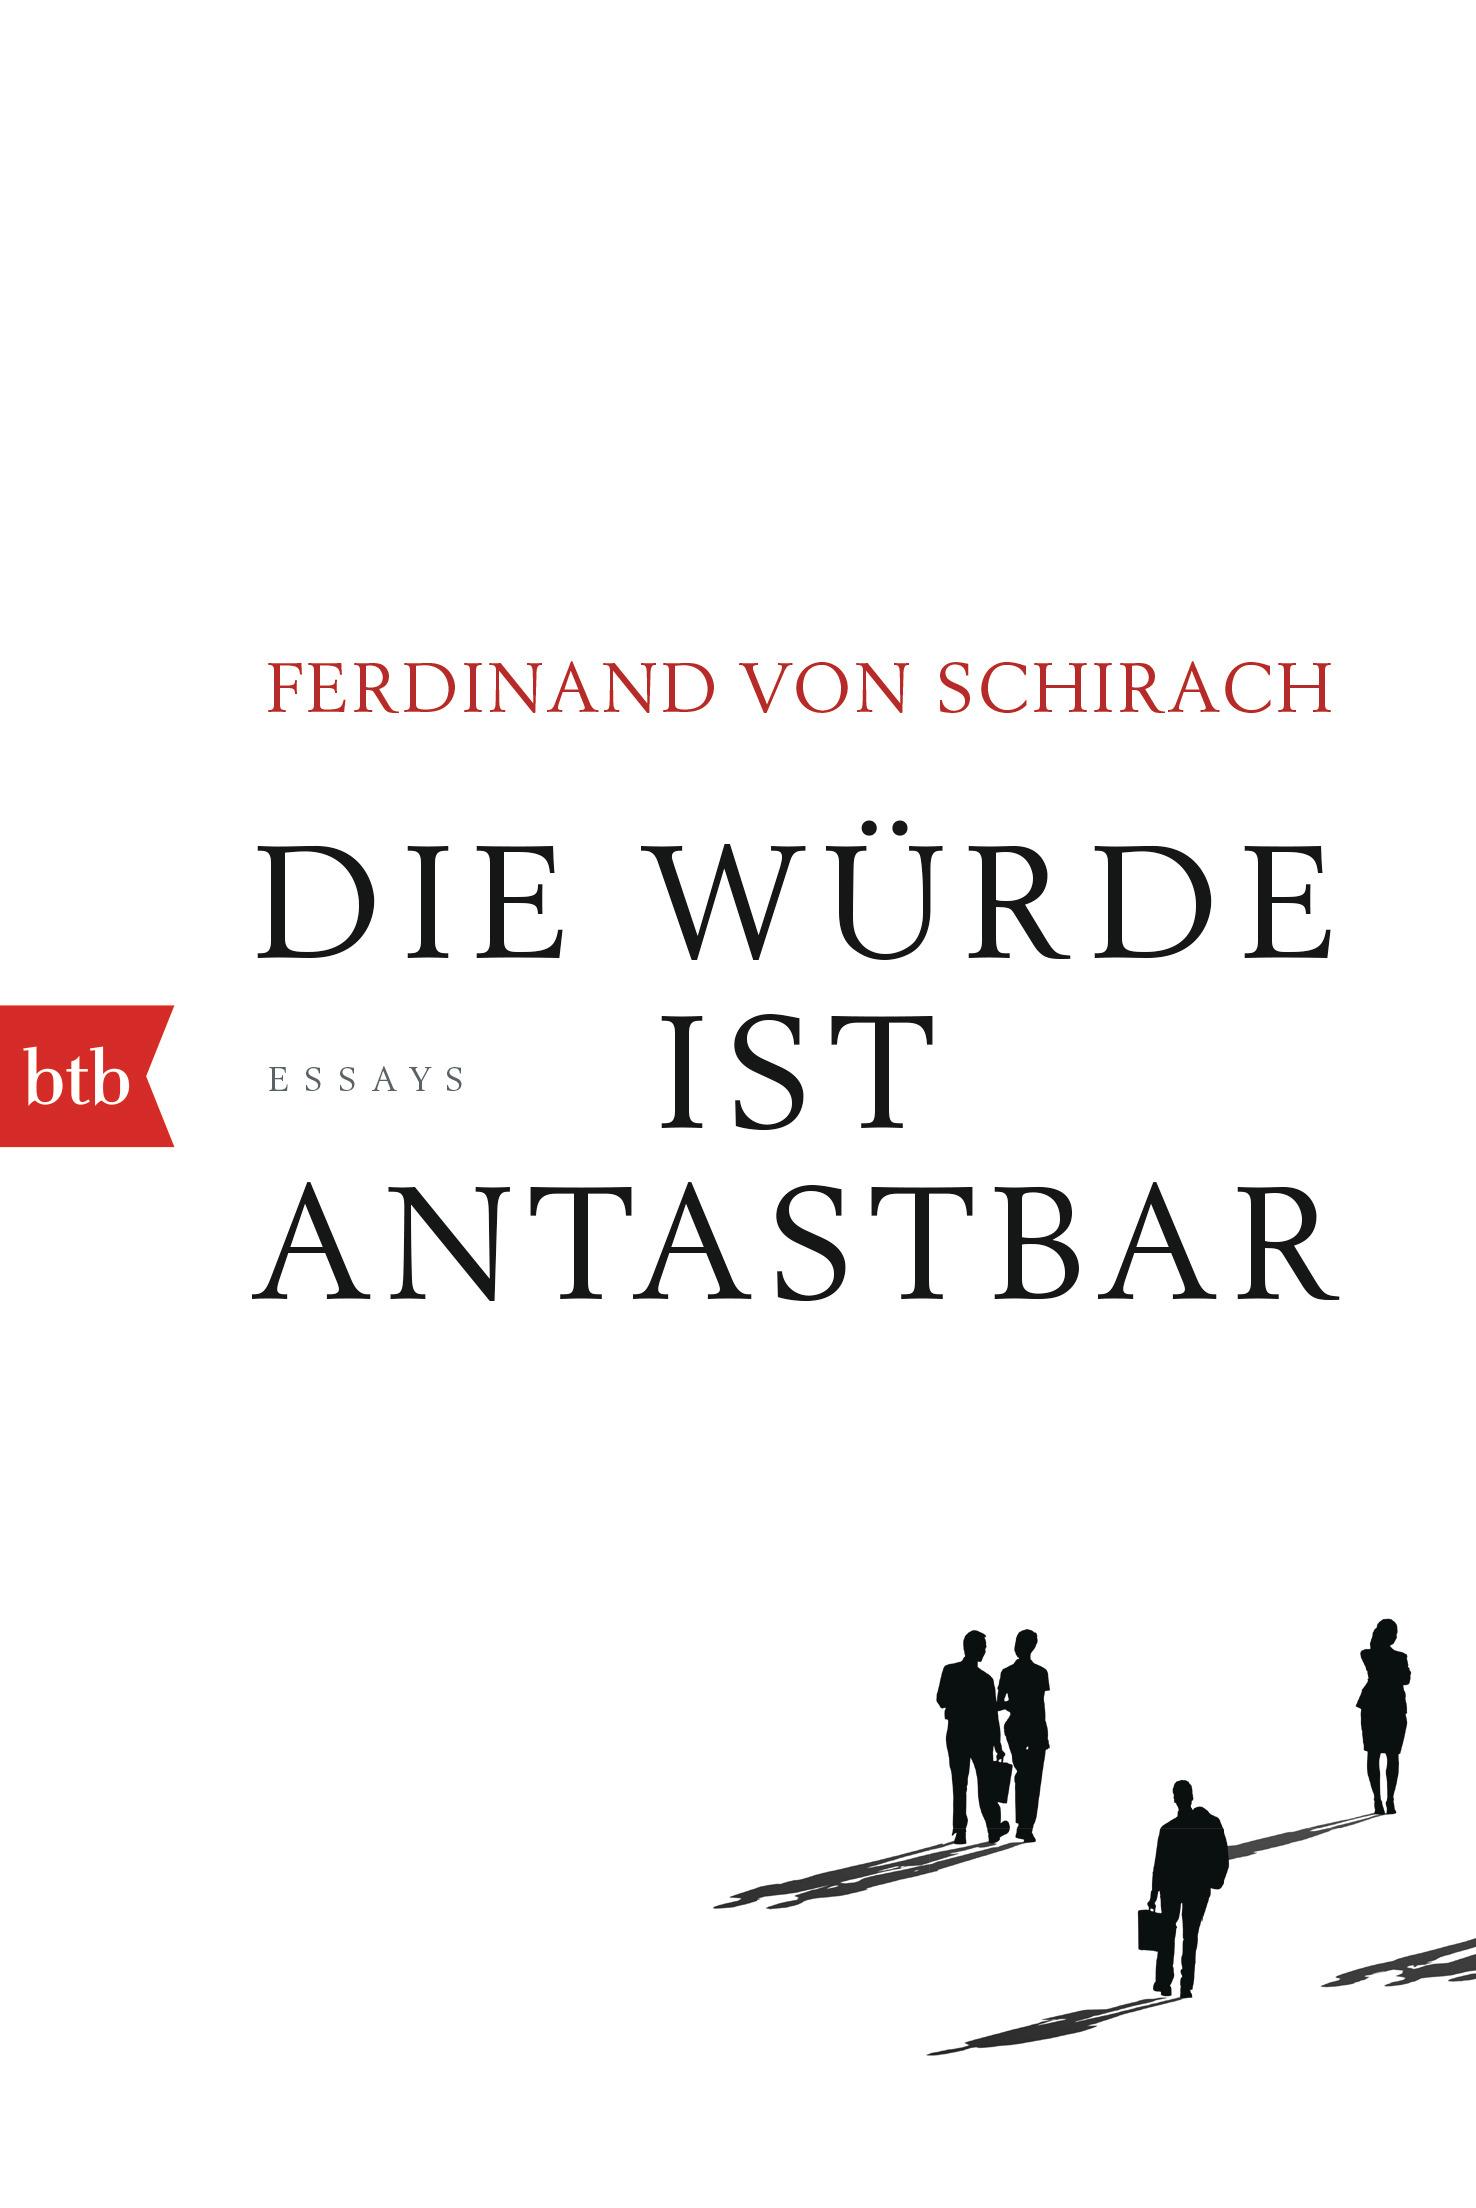 https://service.randomhouse.de/content/edition/covervoila_hires/von_Schirach_FDie_Wuerde_ist_antastbar_171844.jpg